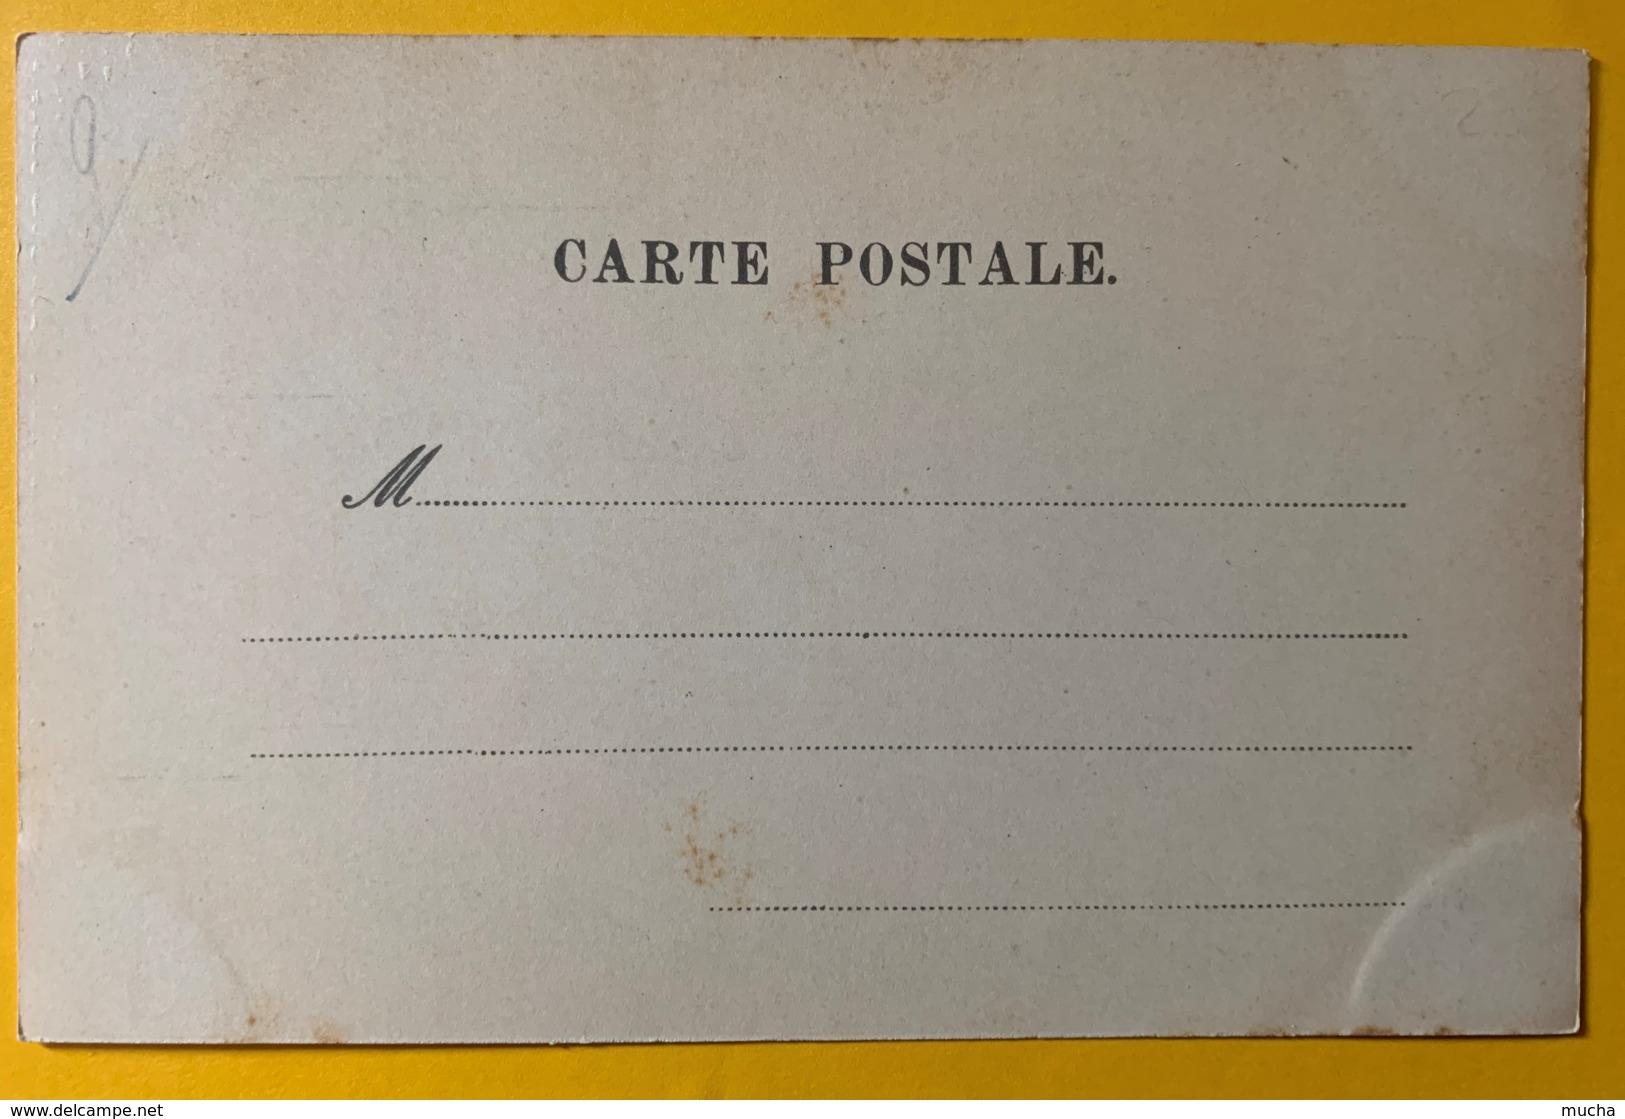 8212 - Politique-Satirique Charles 1er Roi De Roumanie Par Leal De Carma - Autres Illustrateurs